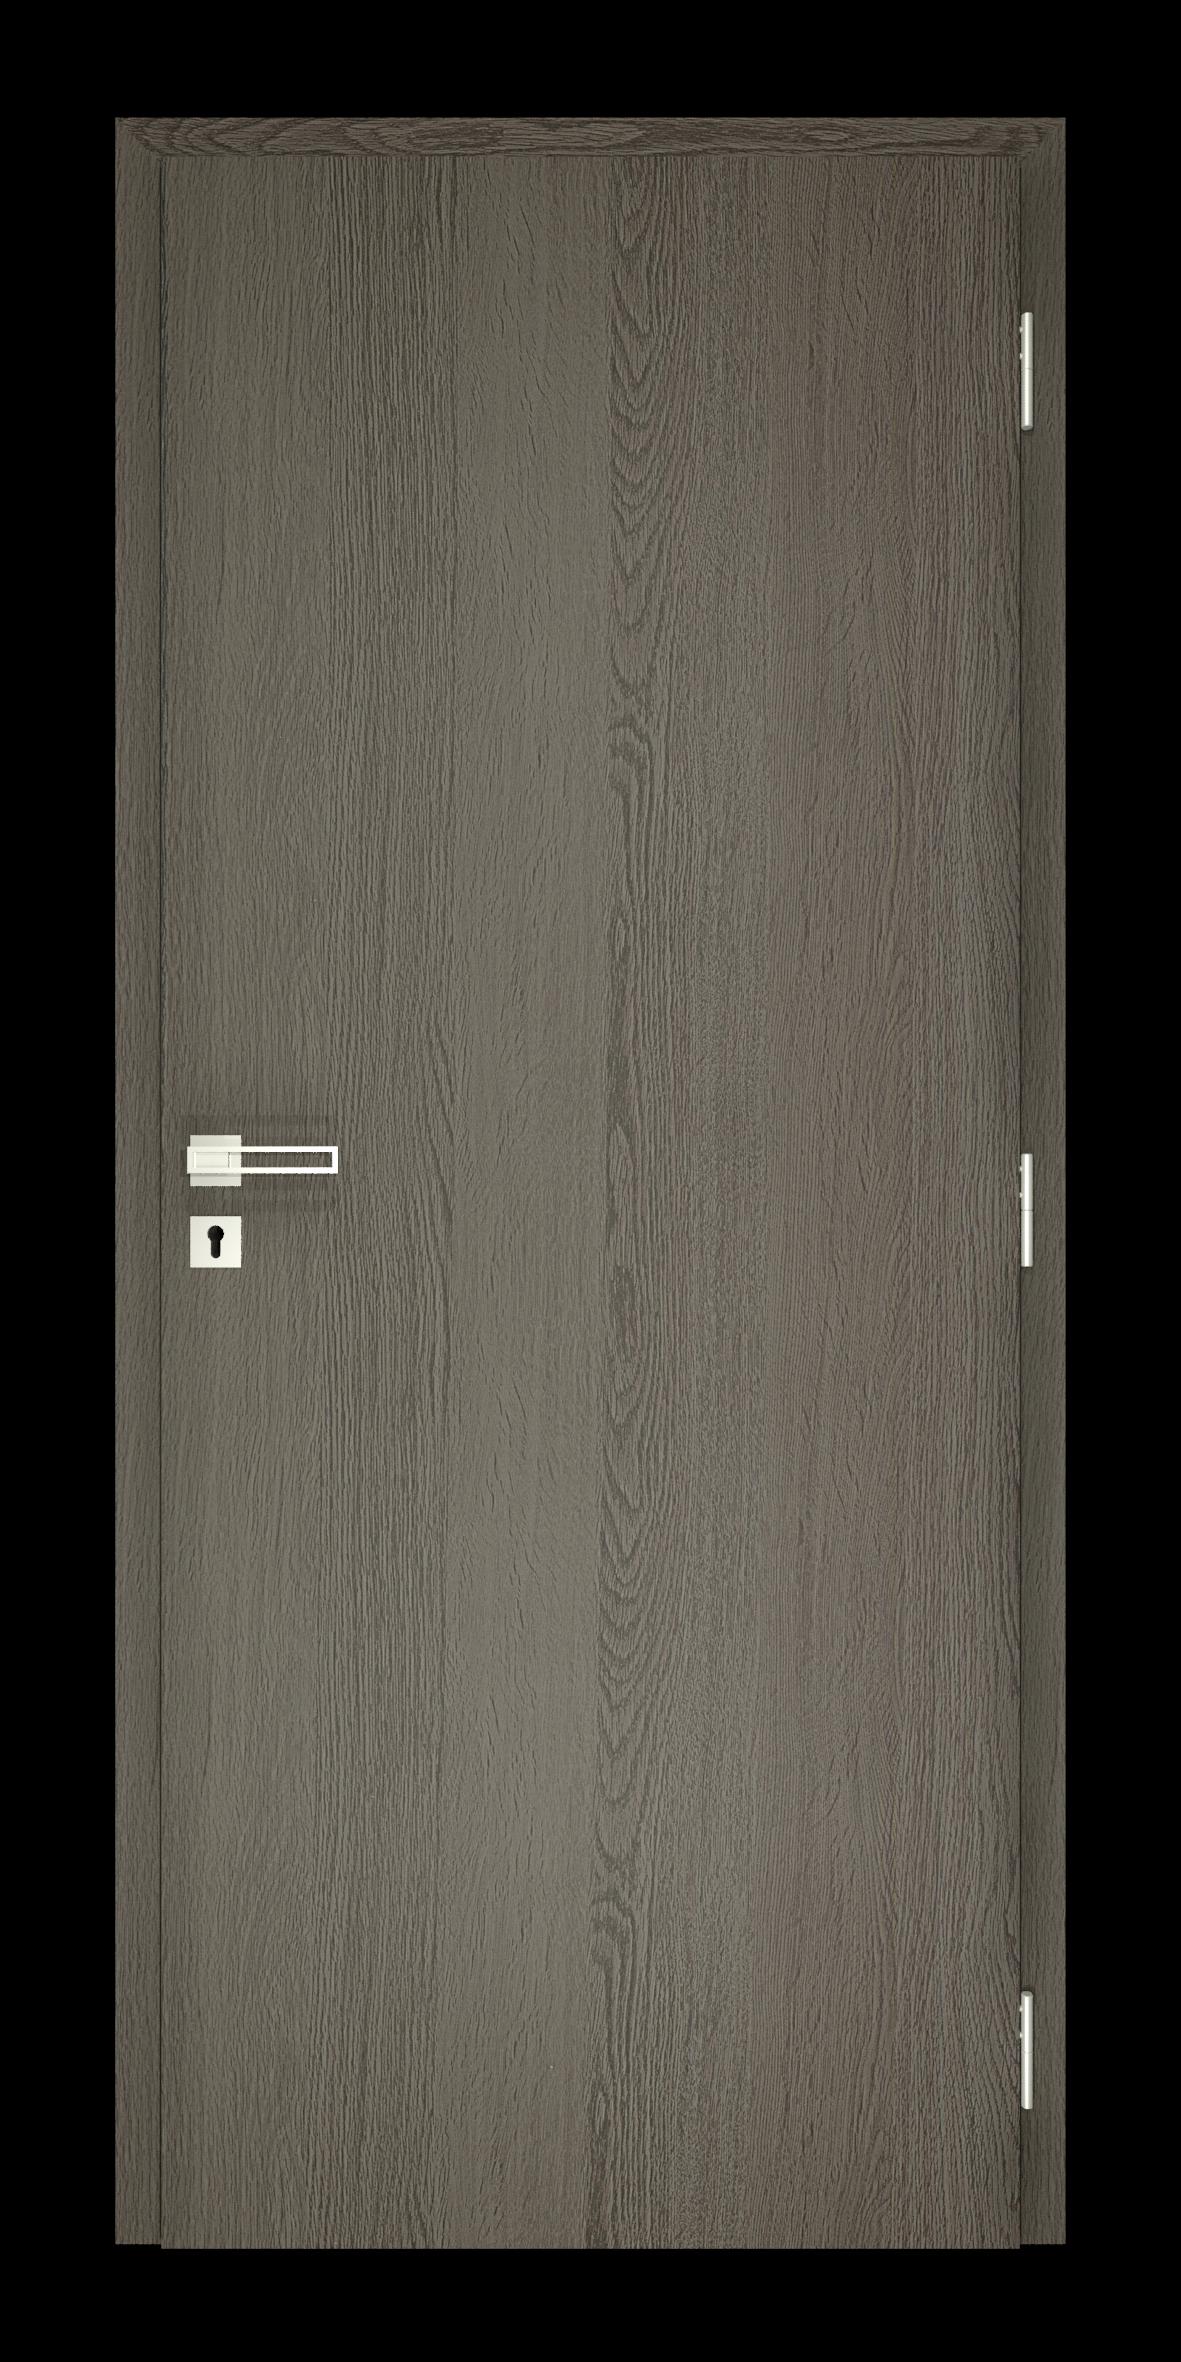 BAUdoors beltéri ajtó - Antracit Tölgy teli B637 BAUplaza Kft.